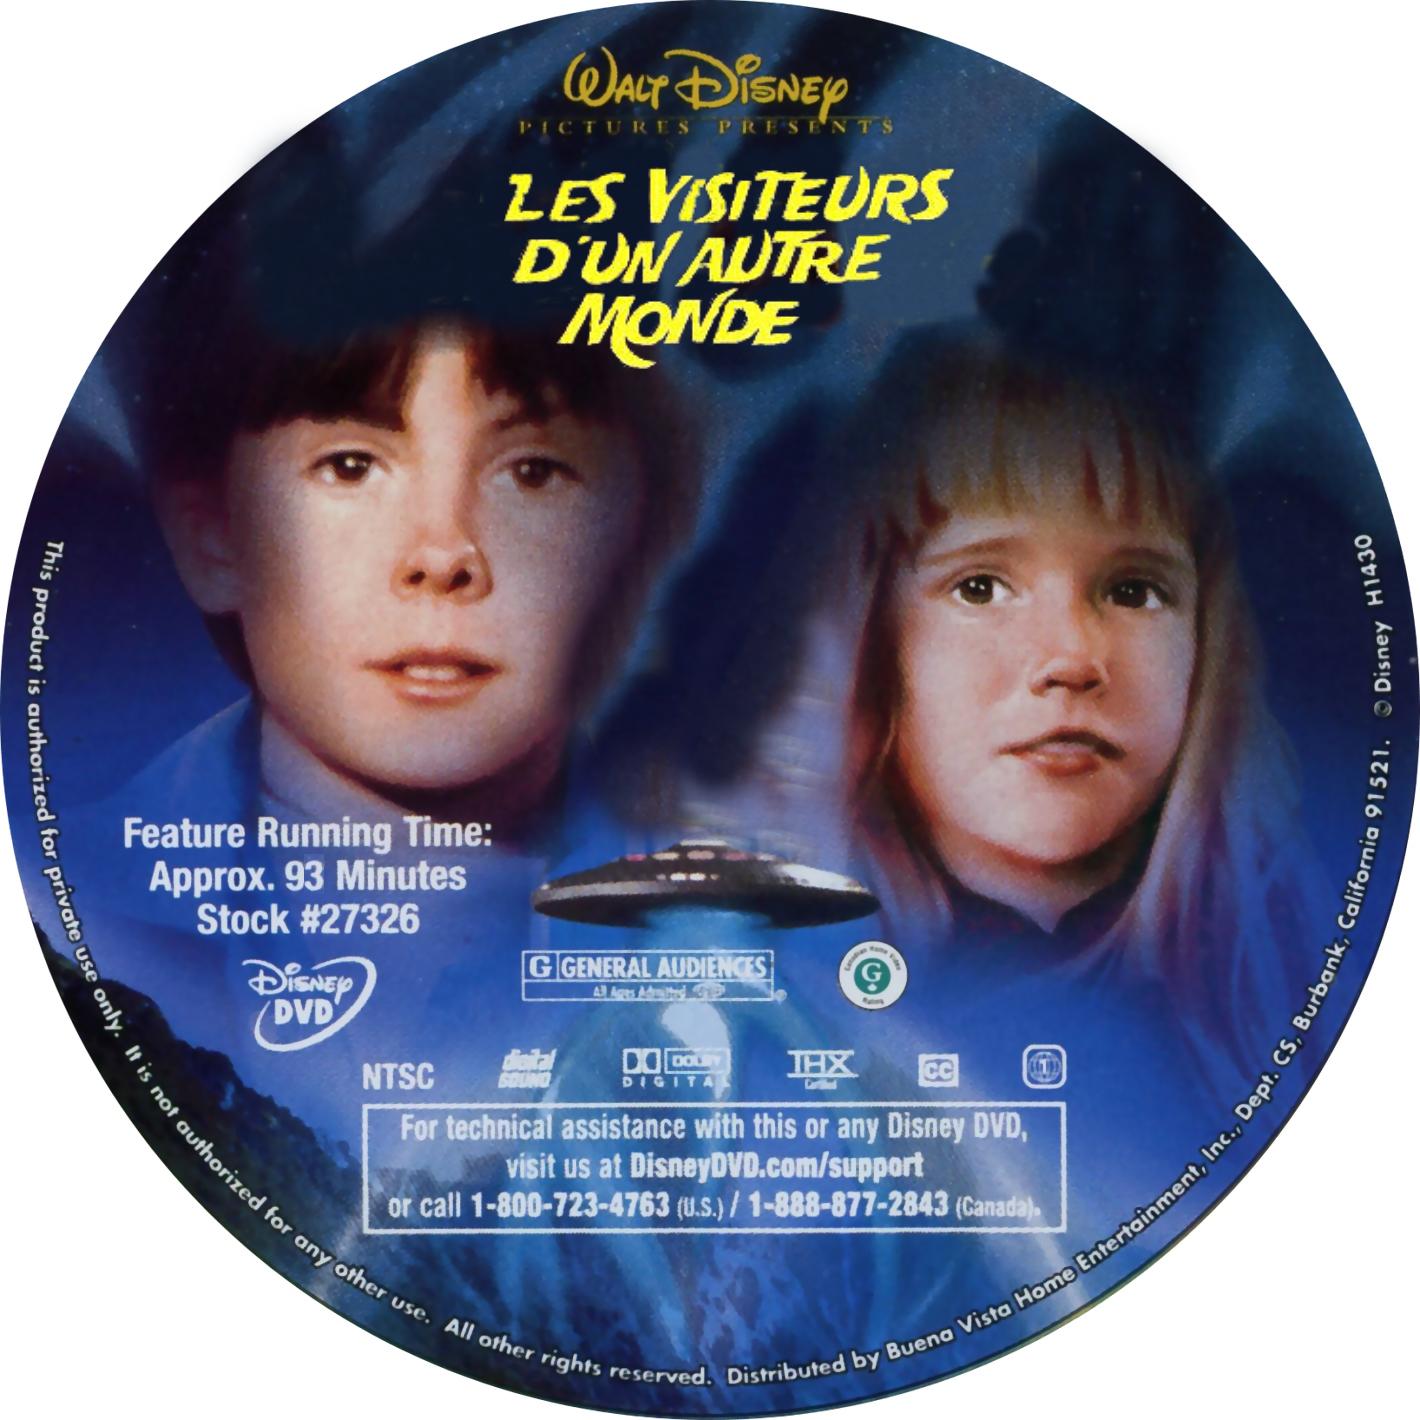 Un autre film d'adolescent 2